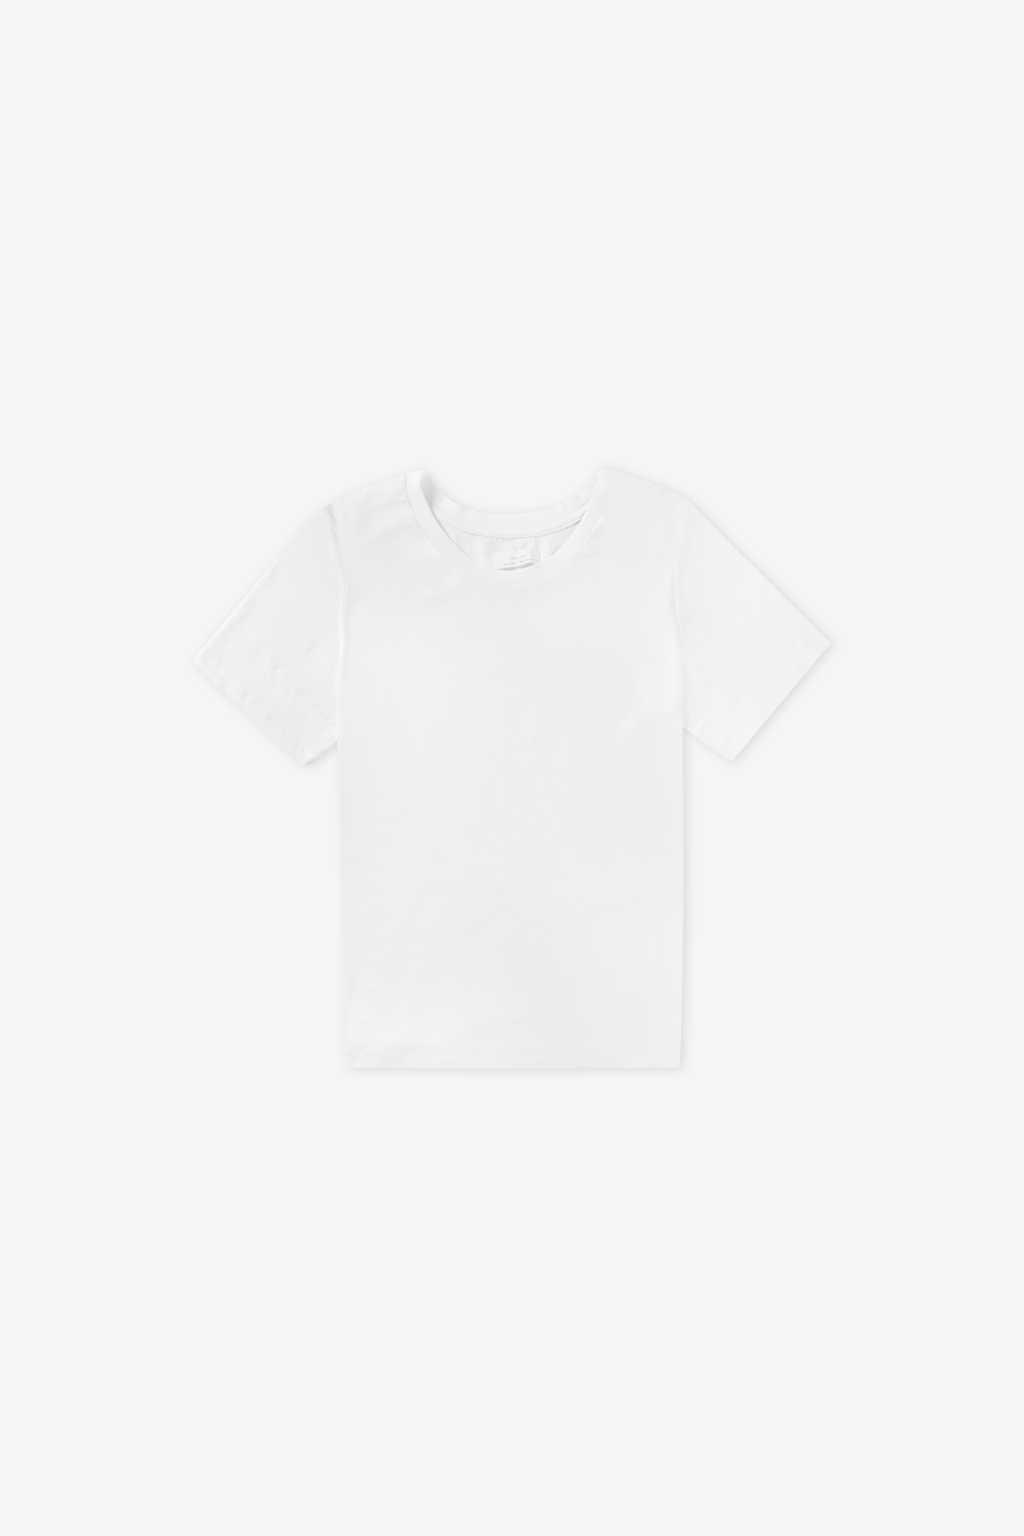 TShirt 2983 White 5